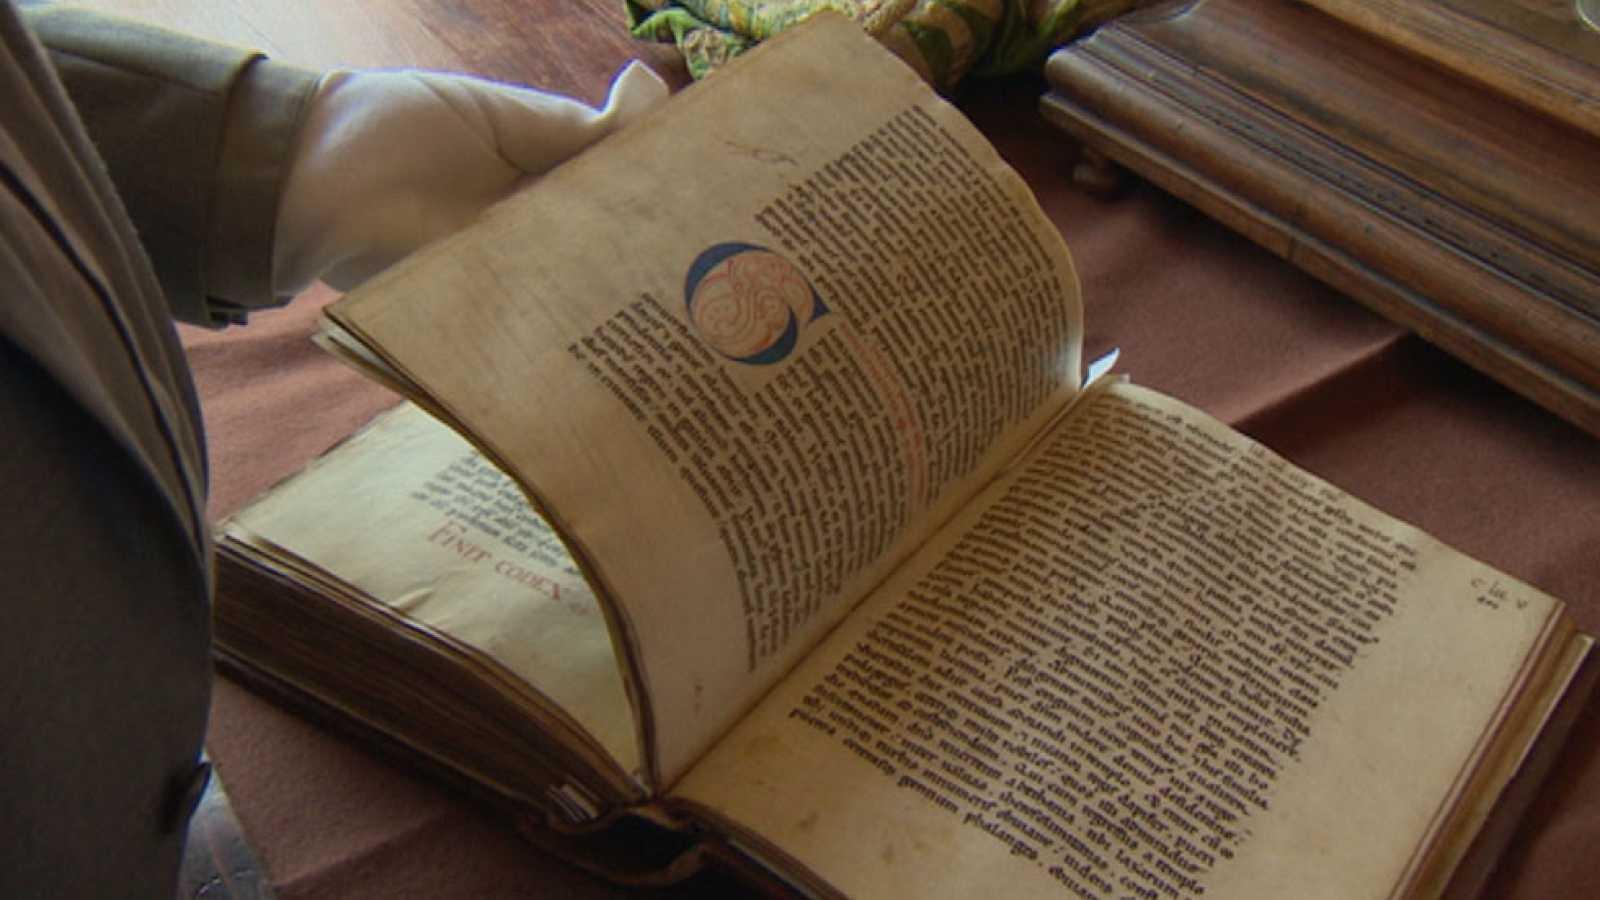 Comienza en Santiago de Compostela el juicio por el robo del Códice Calixtino